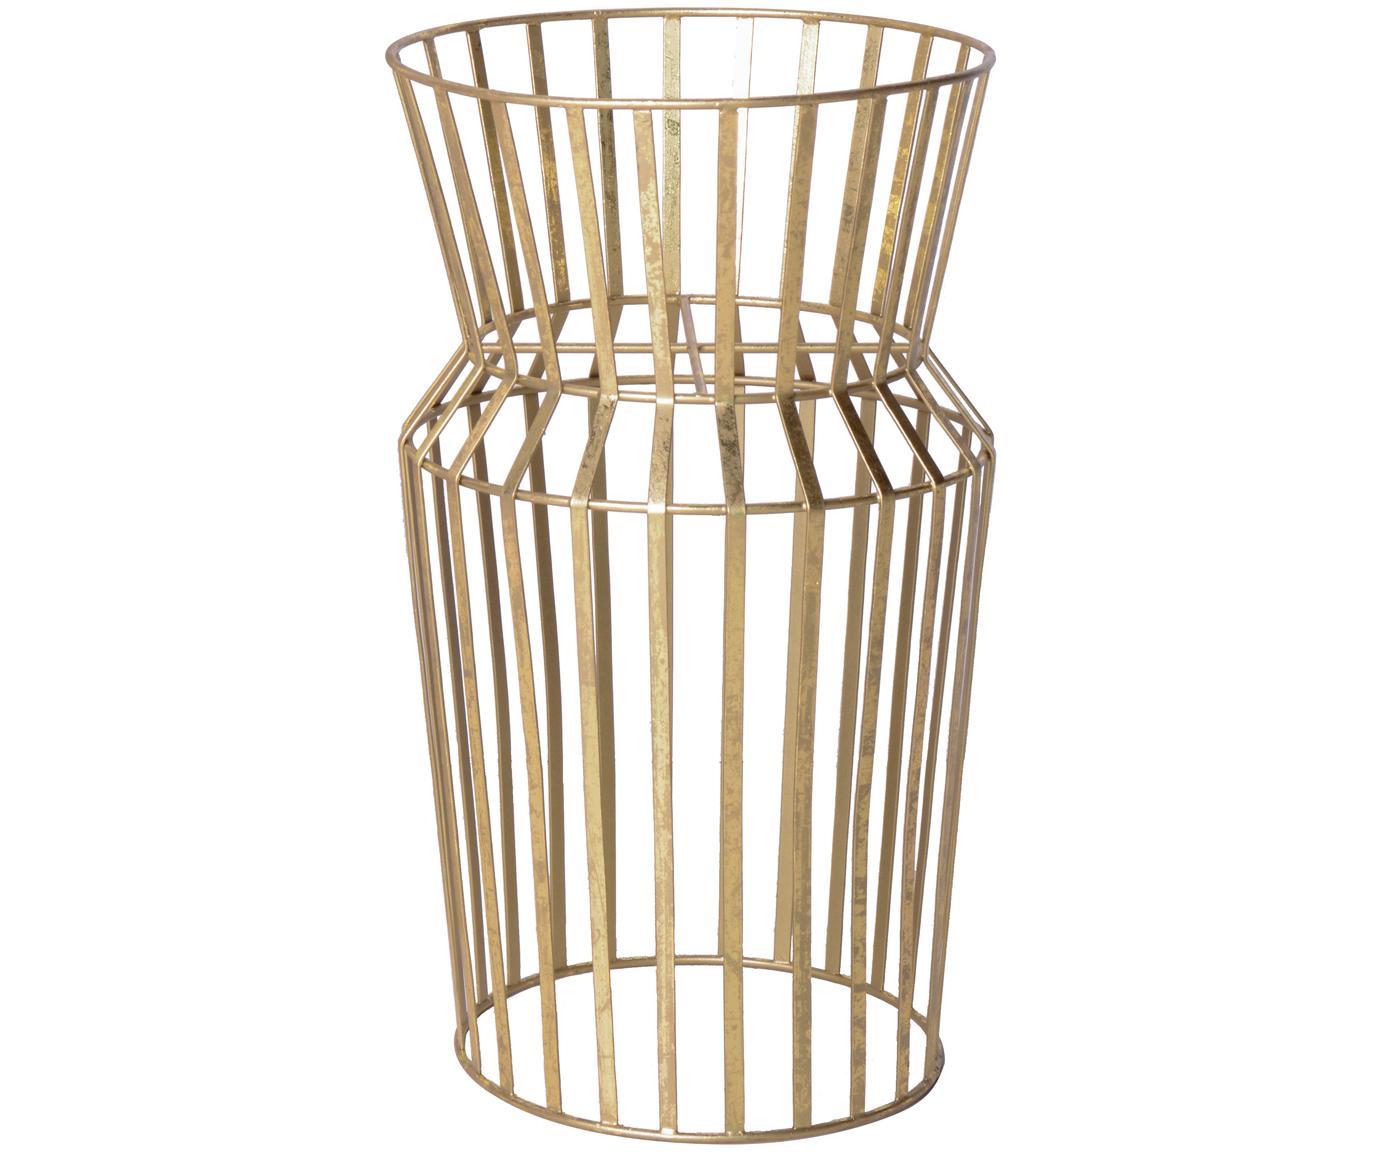 Stojak na doniczkę Gold, Metal powlekany, Odcienie mosiądzu, Ø 28 x W 50 cm